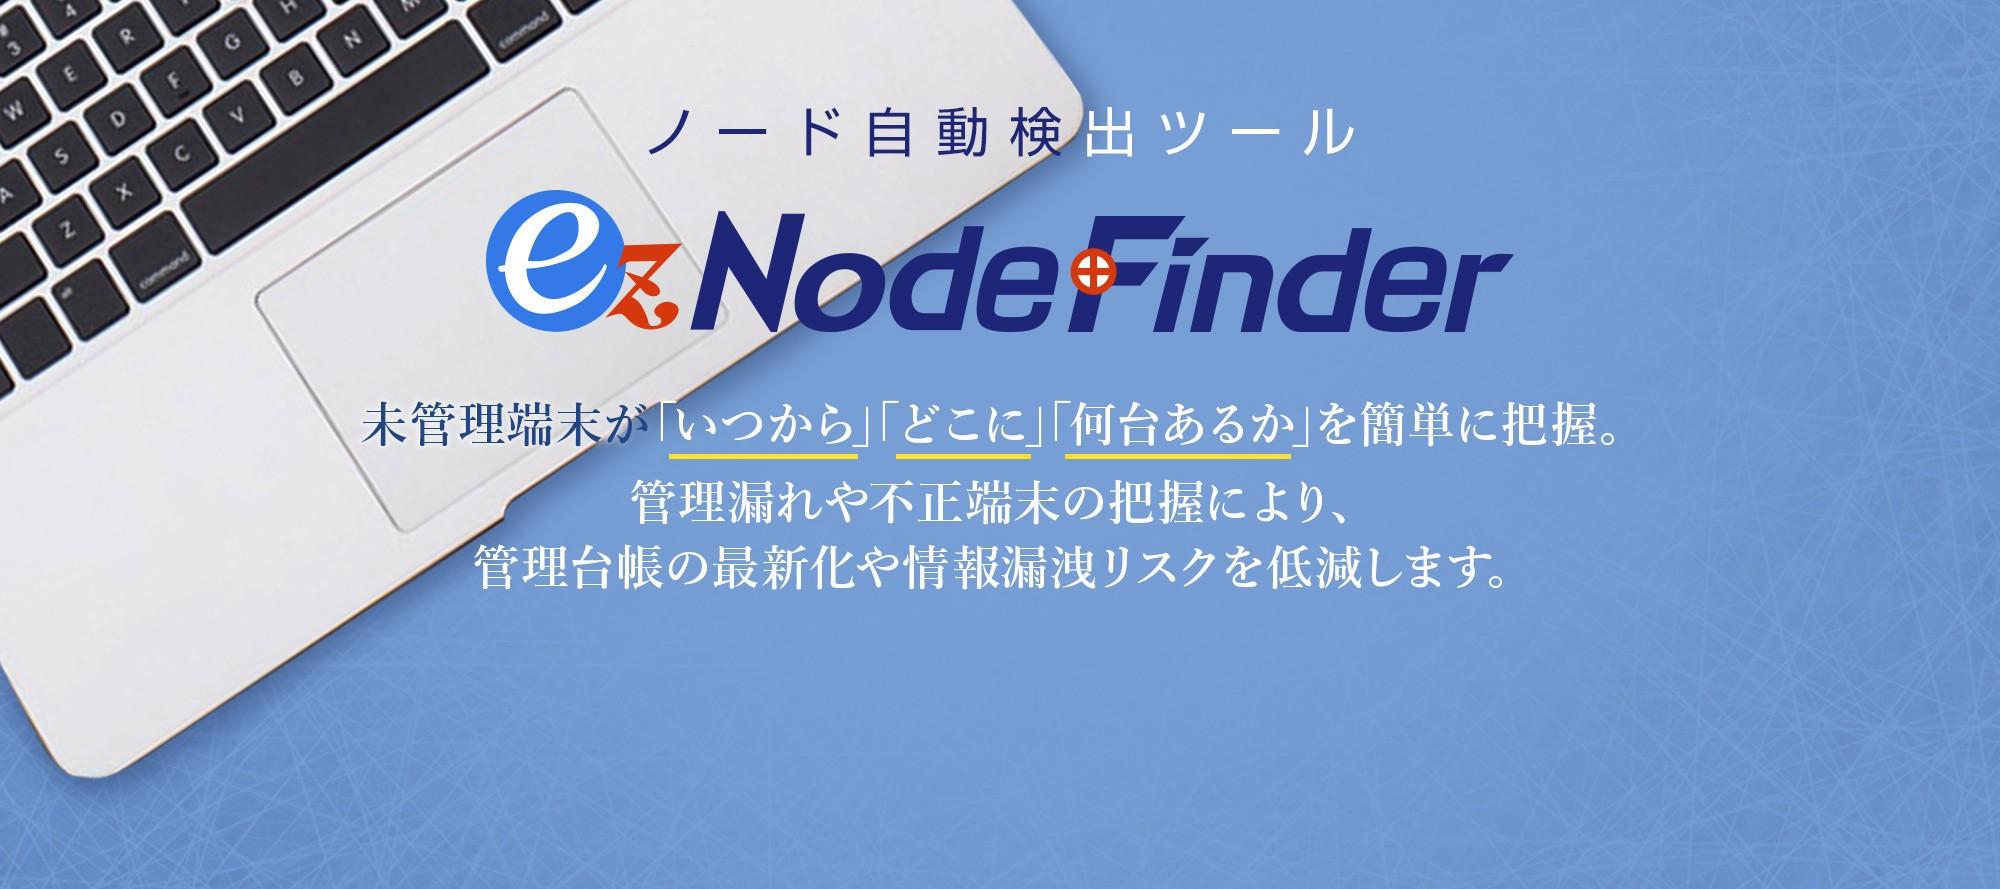 ネットワーク上のノード自動検出ツール